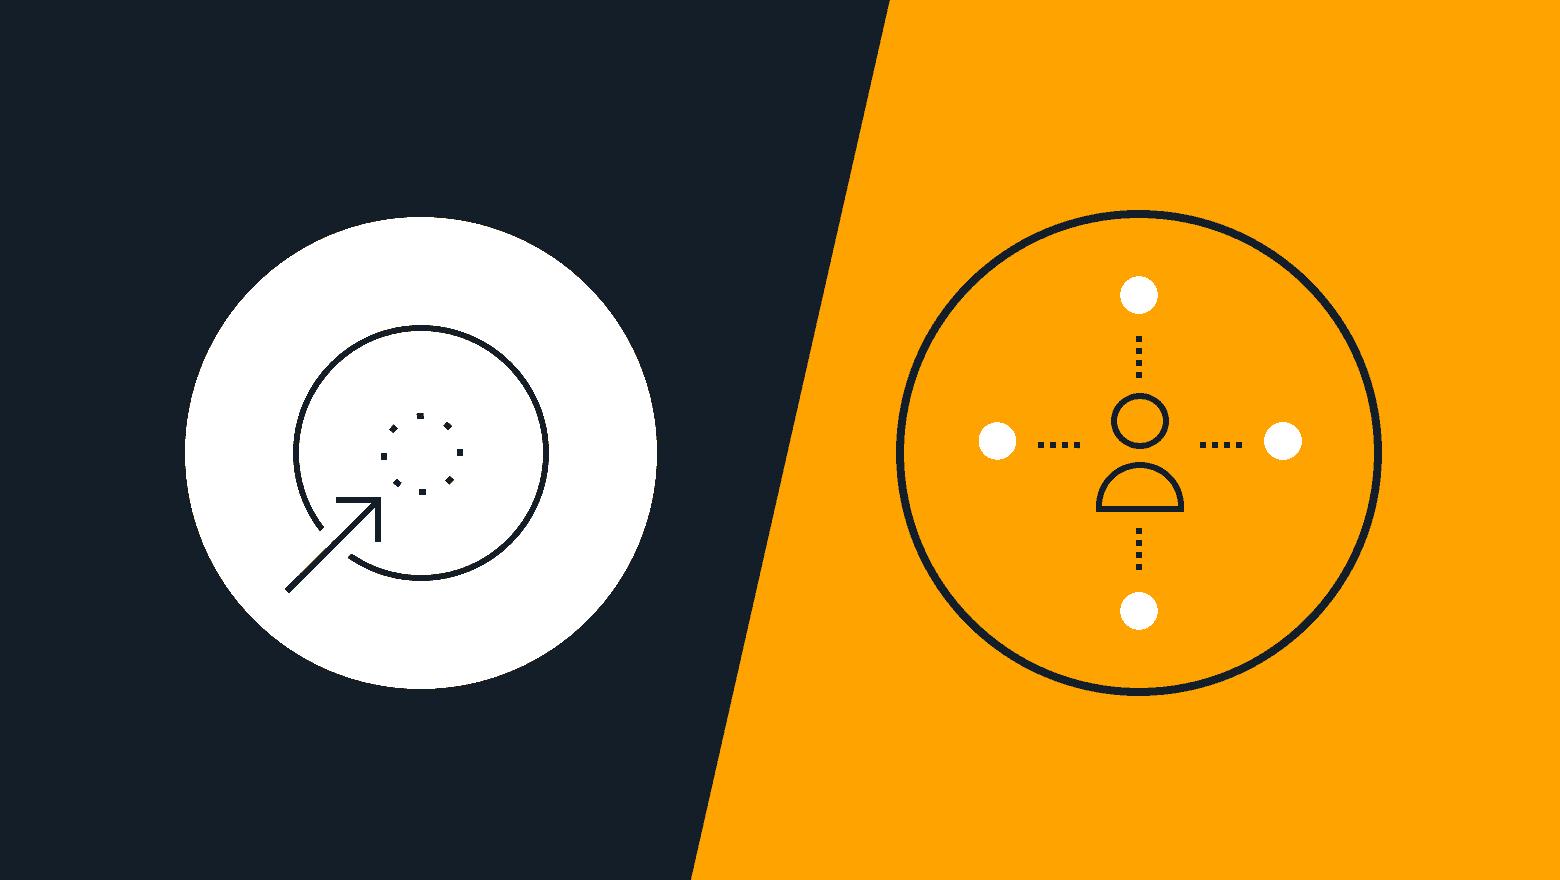 cpc vs cpa icon